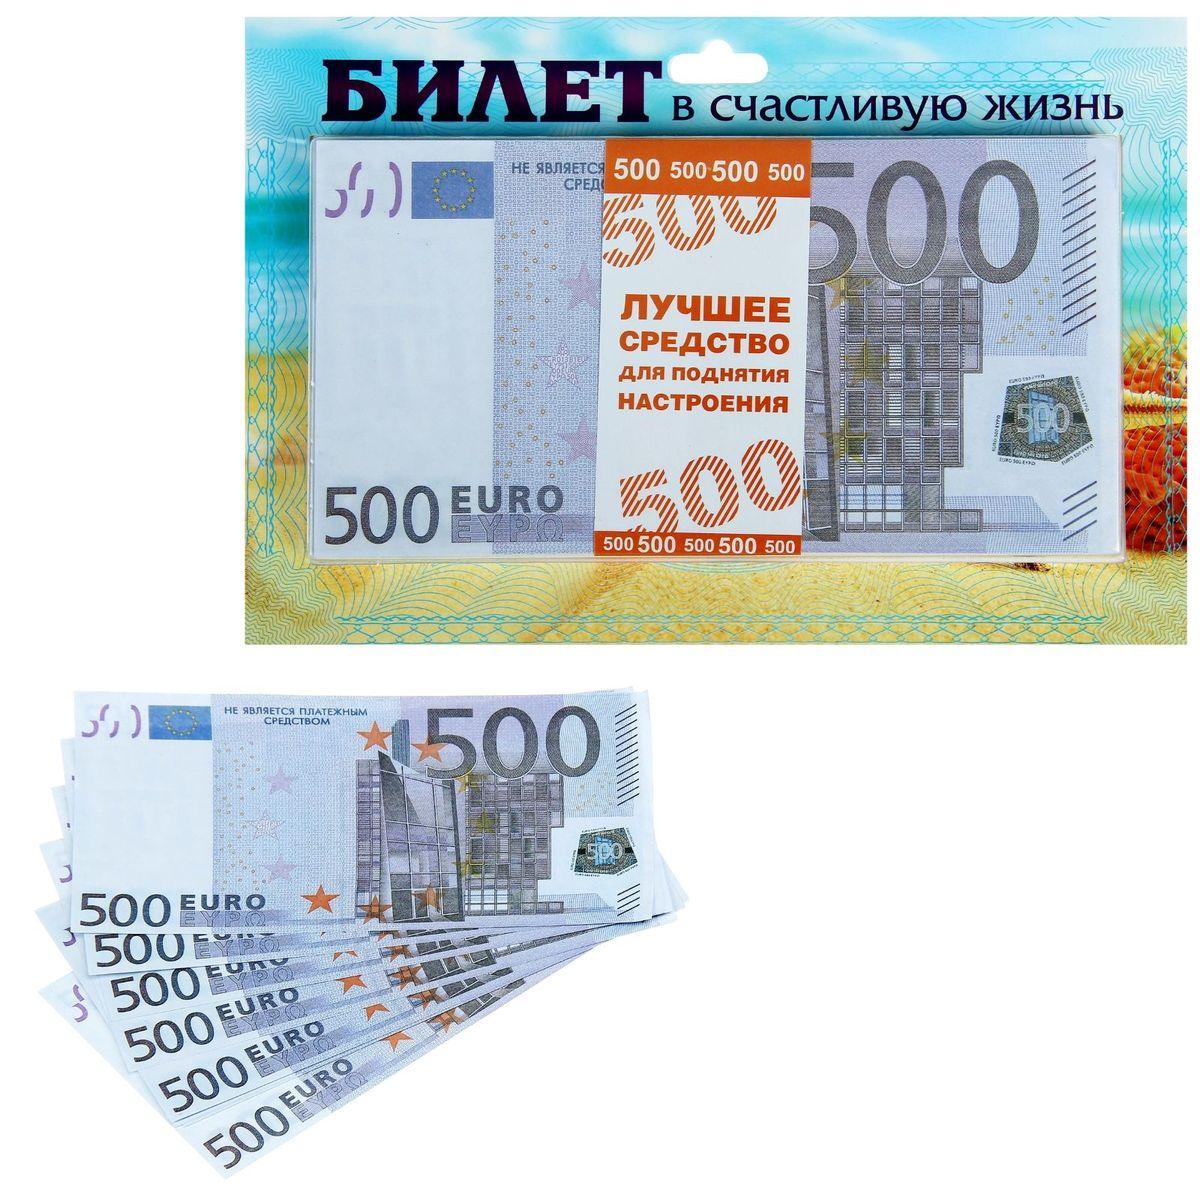 Деньги для выкупа Sima-land Билет в счастливую жизнь, 16 х 8,2 см945554Хотите весело и щедро выкупить невесту? Легко! С вас - боевое настроение, а о деньгах не волнуйтесь! Набор Sima-land Билет в счастливую жизнь состоит из 100 банкнот номиналом 500 евро. Такие шуточные купюры пригодятся жениху для того, чтобы откупиться от некоторых заданий при выкупе невесты. Подойдут также и для проведения свадебных конкурсов. Размер купюры: 16 х 8,2 см.